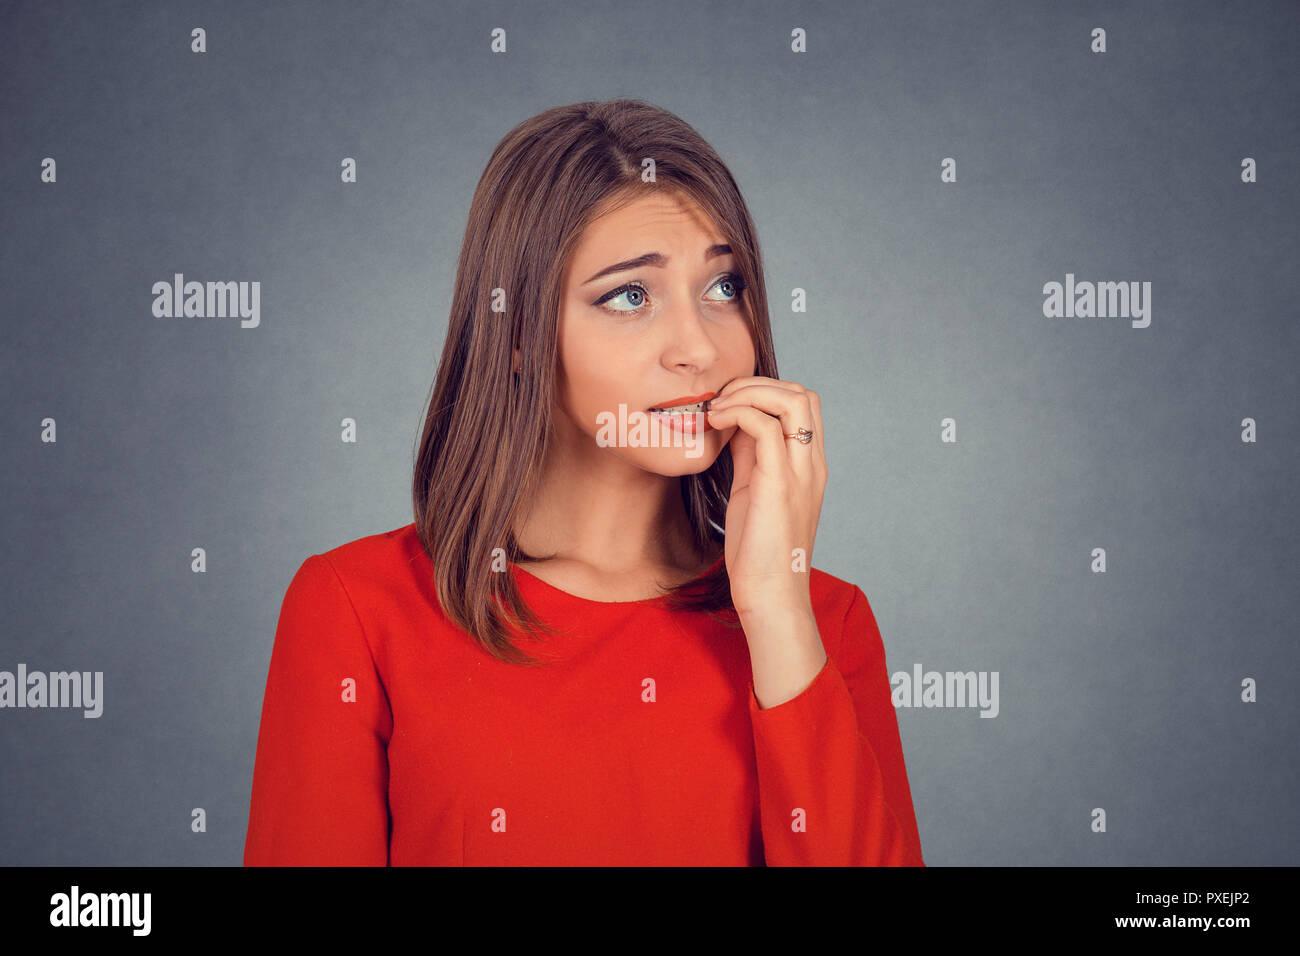 Mujer mirando nervioso mordiendo las uñas anhelando algo Imagen De Stock